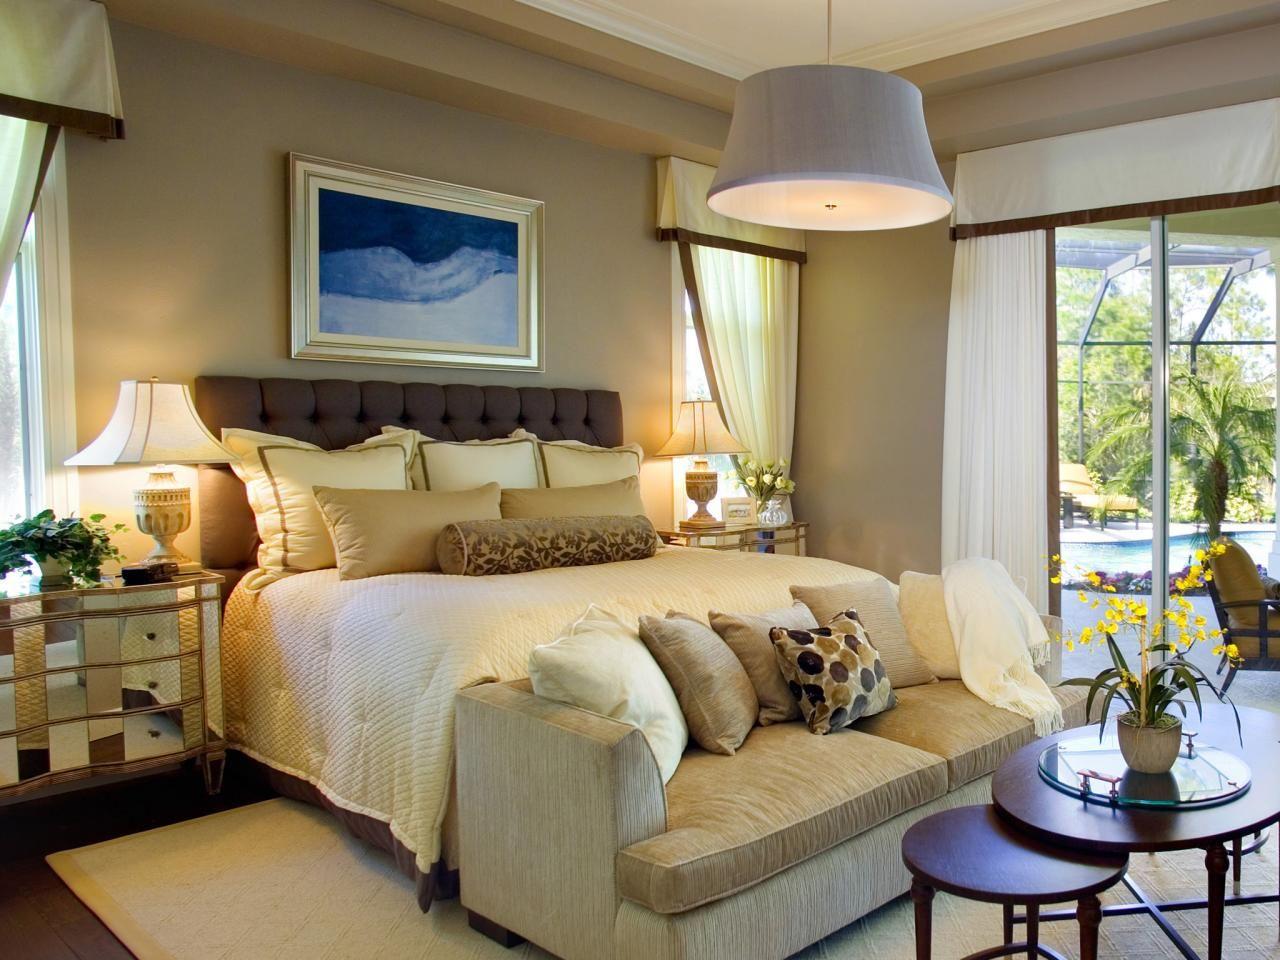 Modern contemporary master bedroom decor   Best Master Bedroom Interior Design Ideas  Master bedroom Hgtv